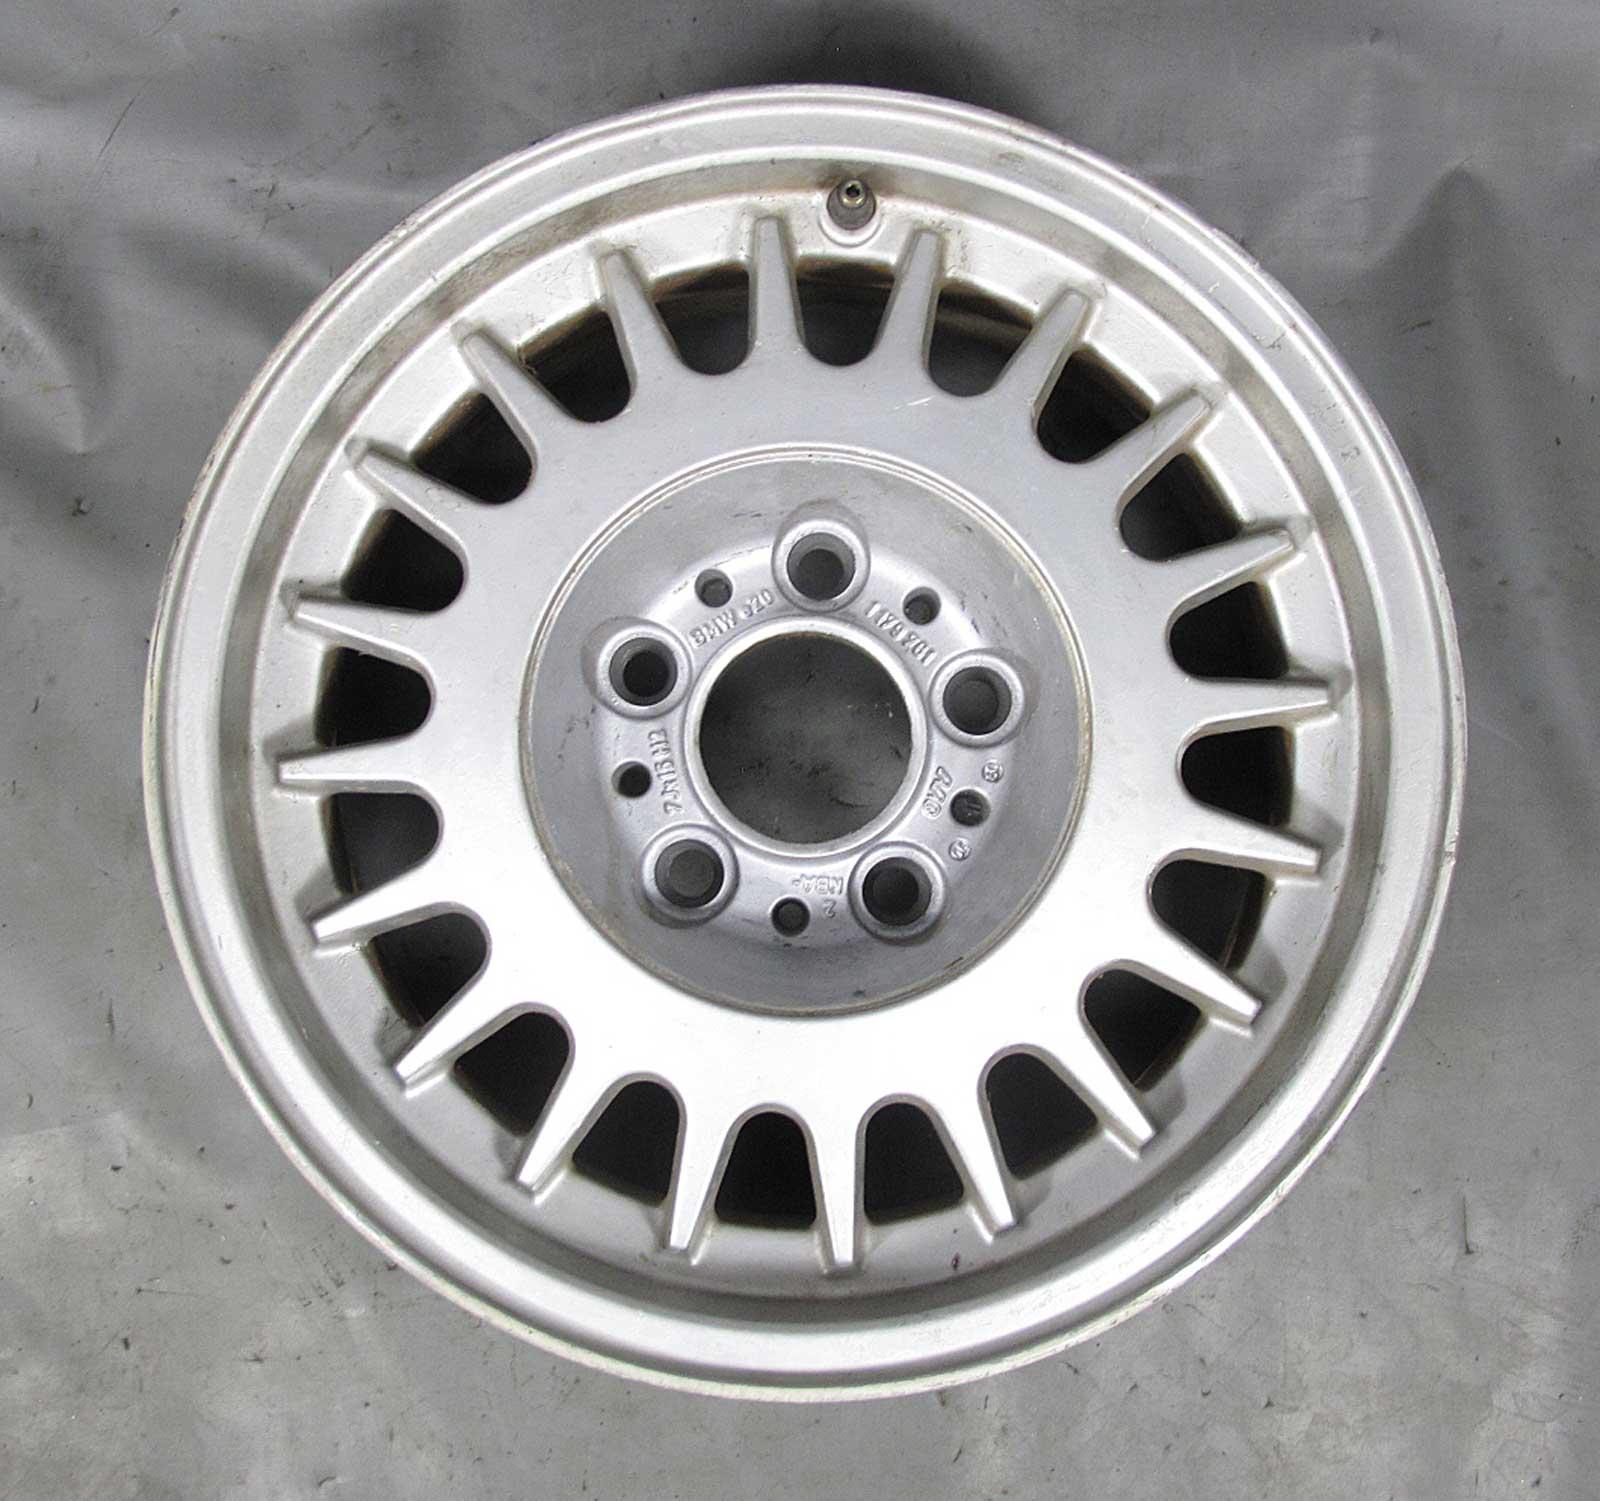 styles beyern spartan wheels rims rear by org rim silver alloy tsw lug std bmw